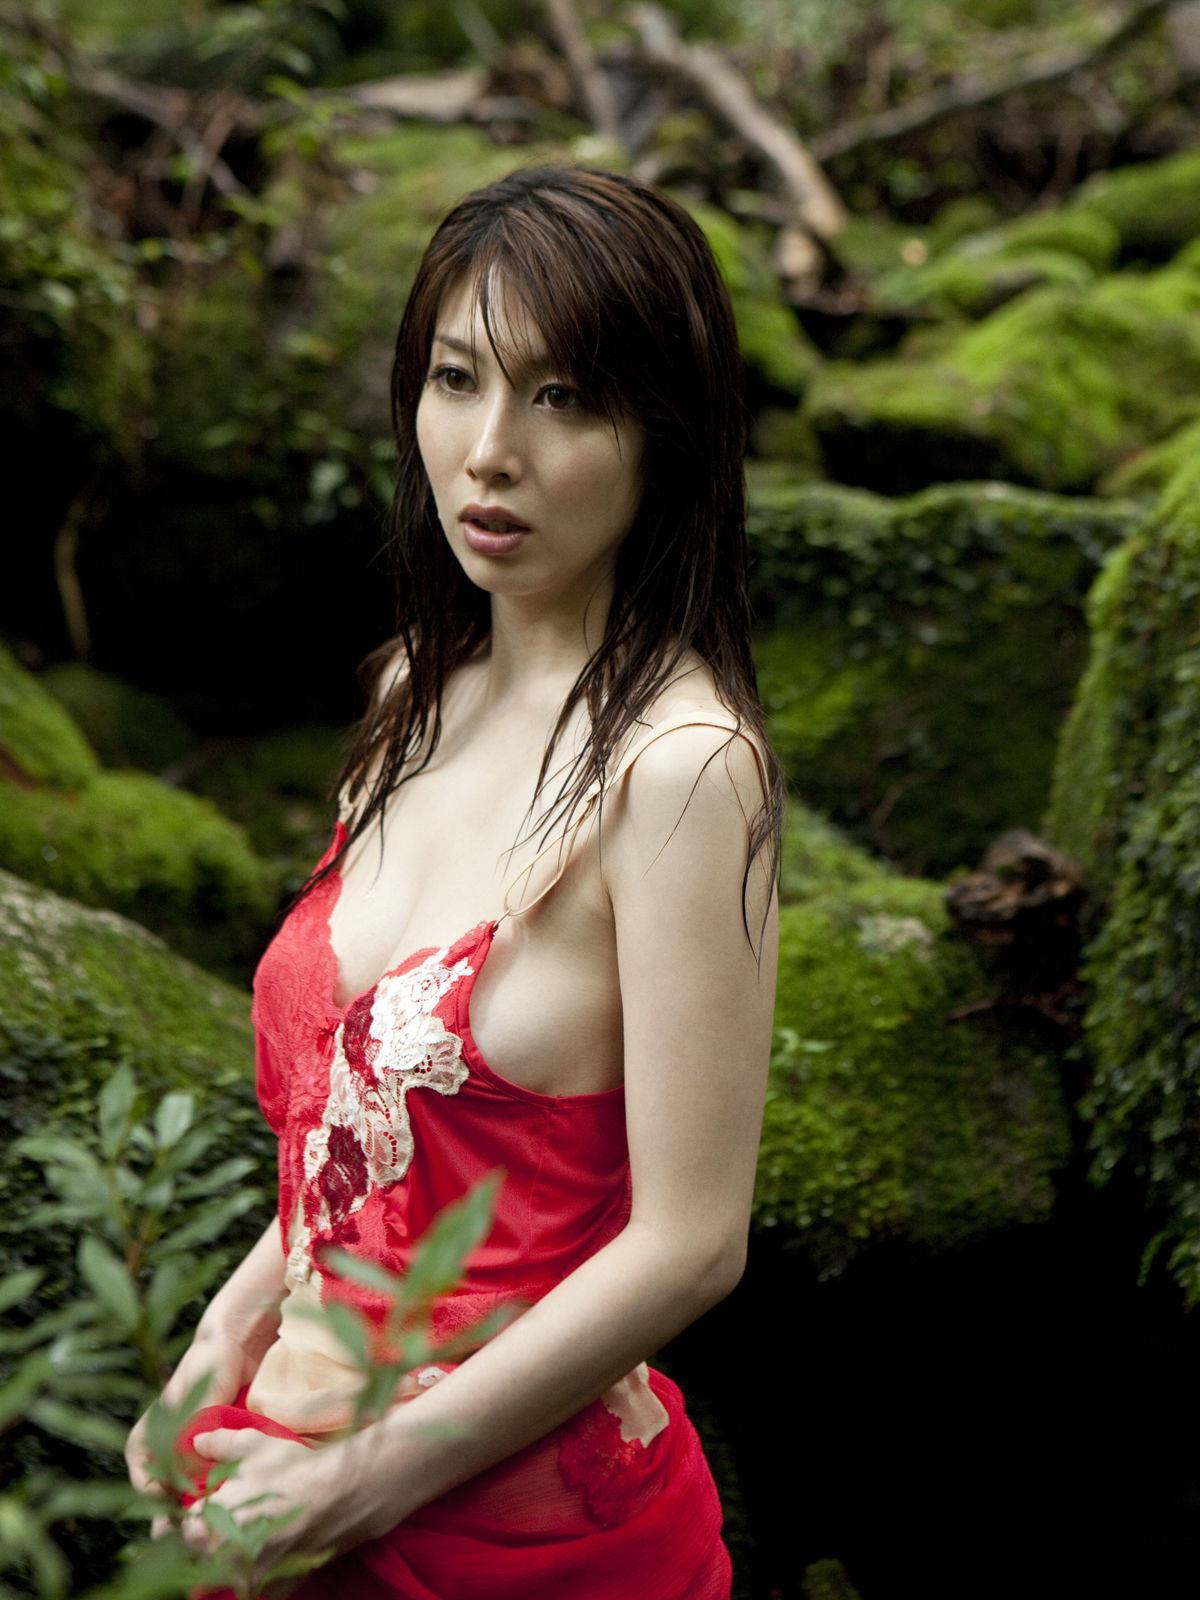 小林恵美 エロ画像 37